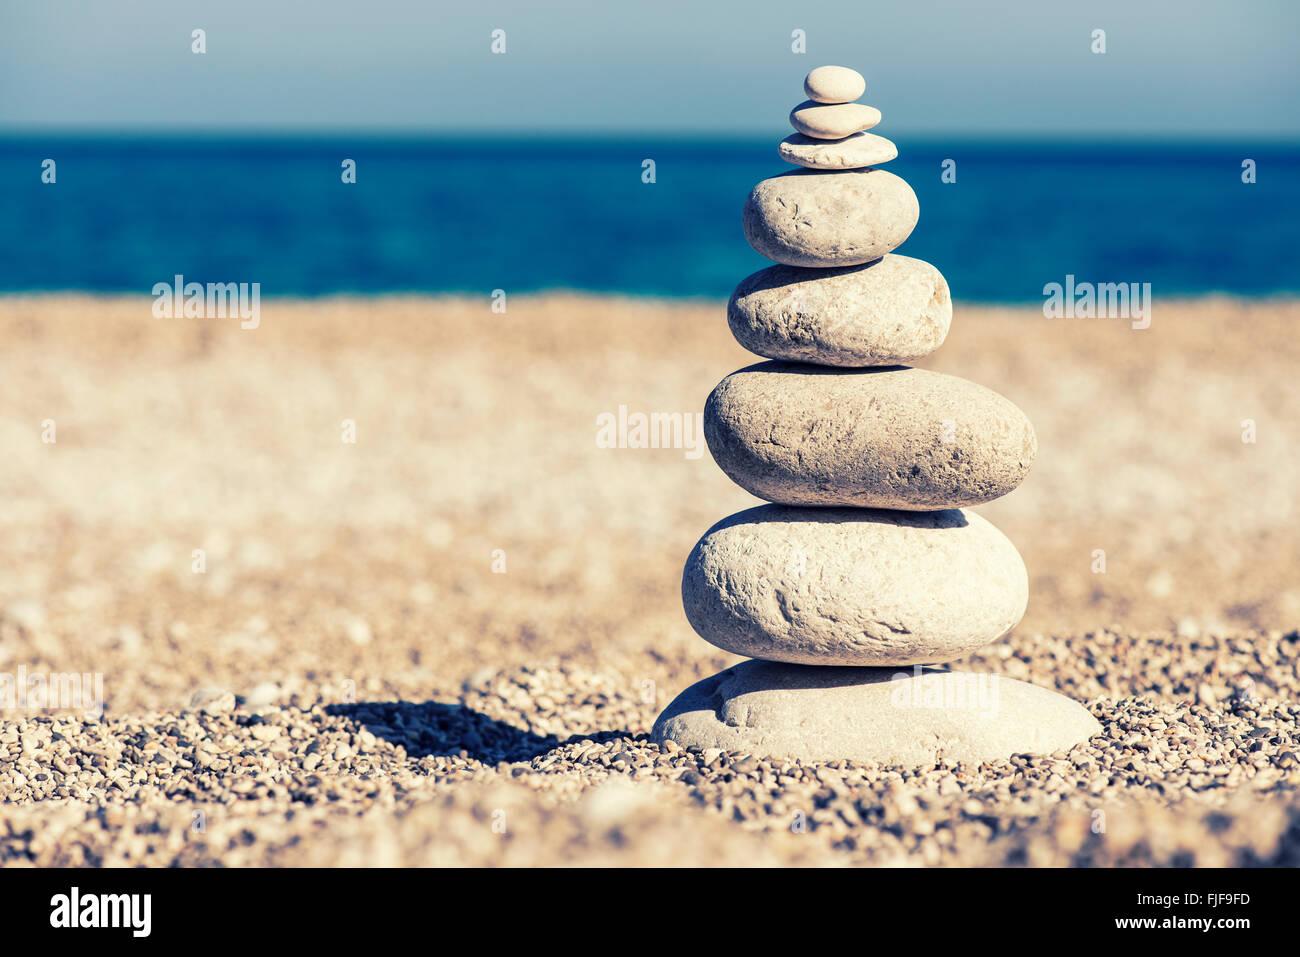 Equilibrio di pietre, vintage retrò instagram come gerarchia pila sul blu del mare sullo sfondo. Spa o di benessere, Foto Stock